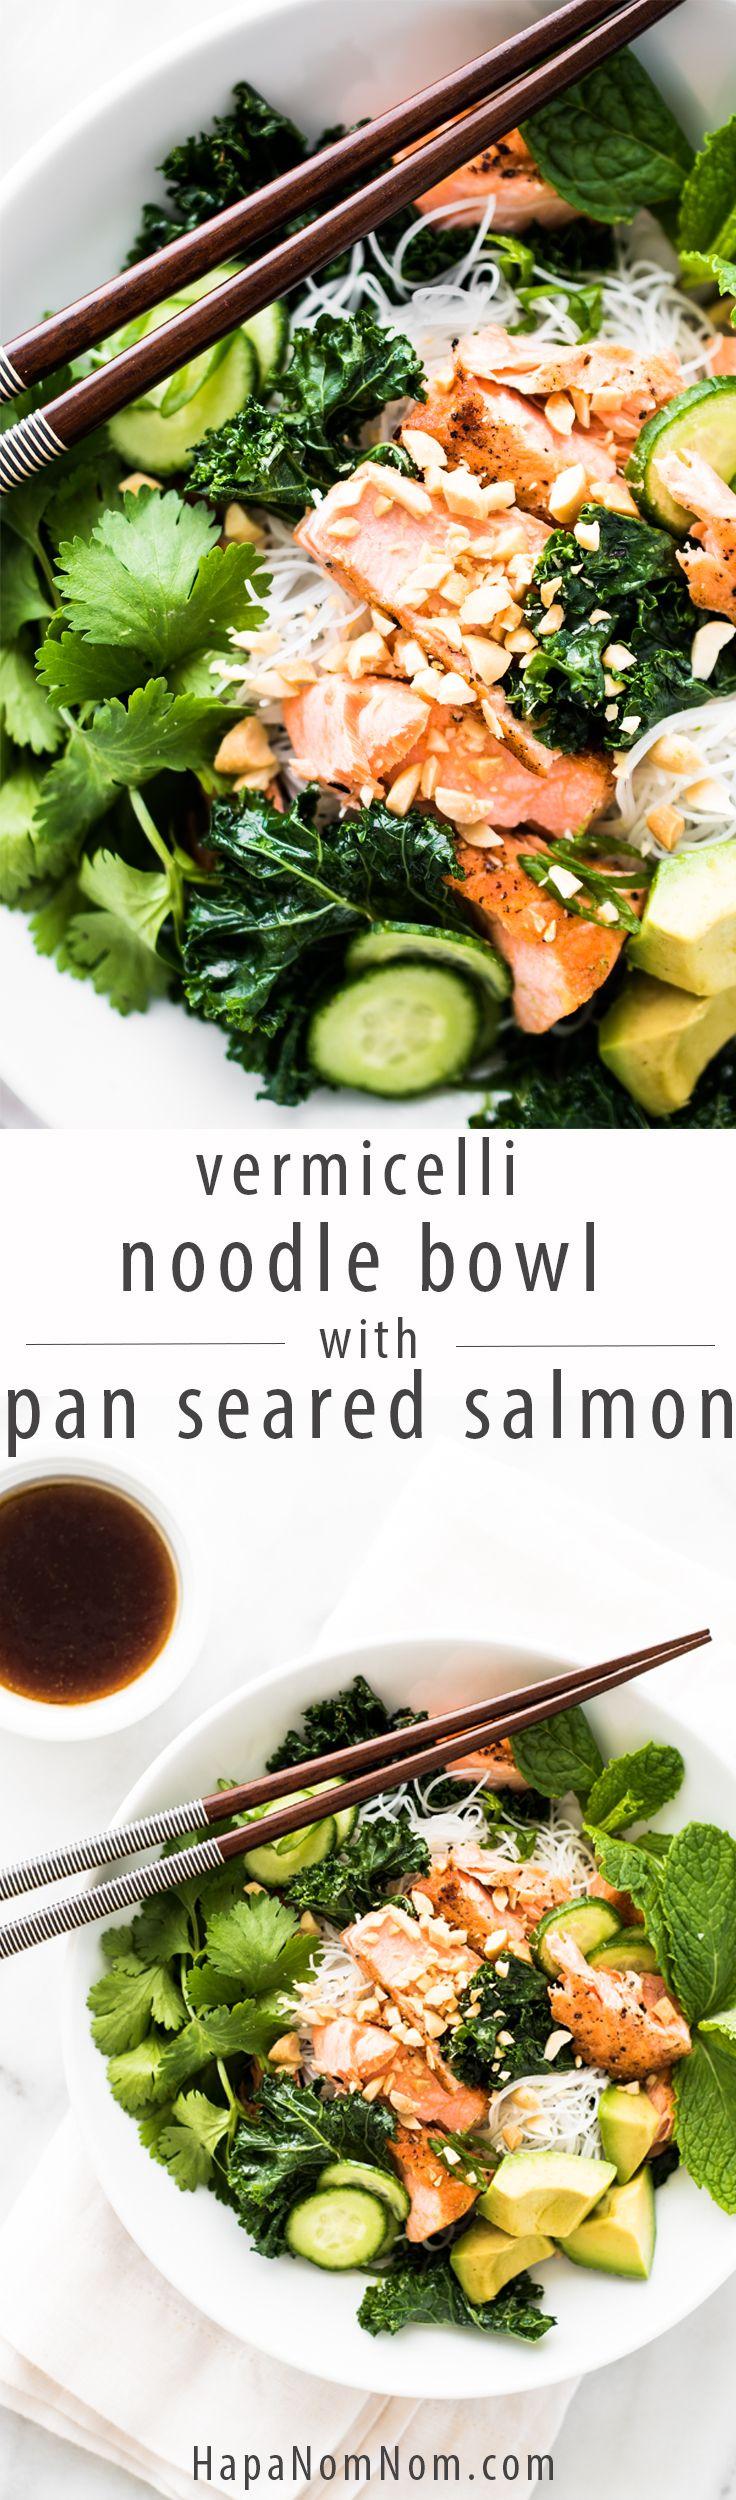 17 Best ideas about Vermicelli Noodles on Pinterest ...